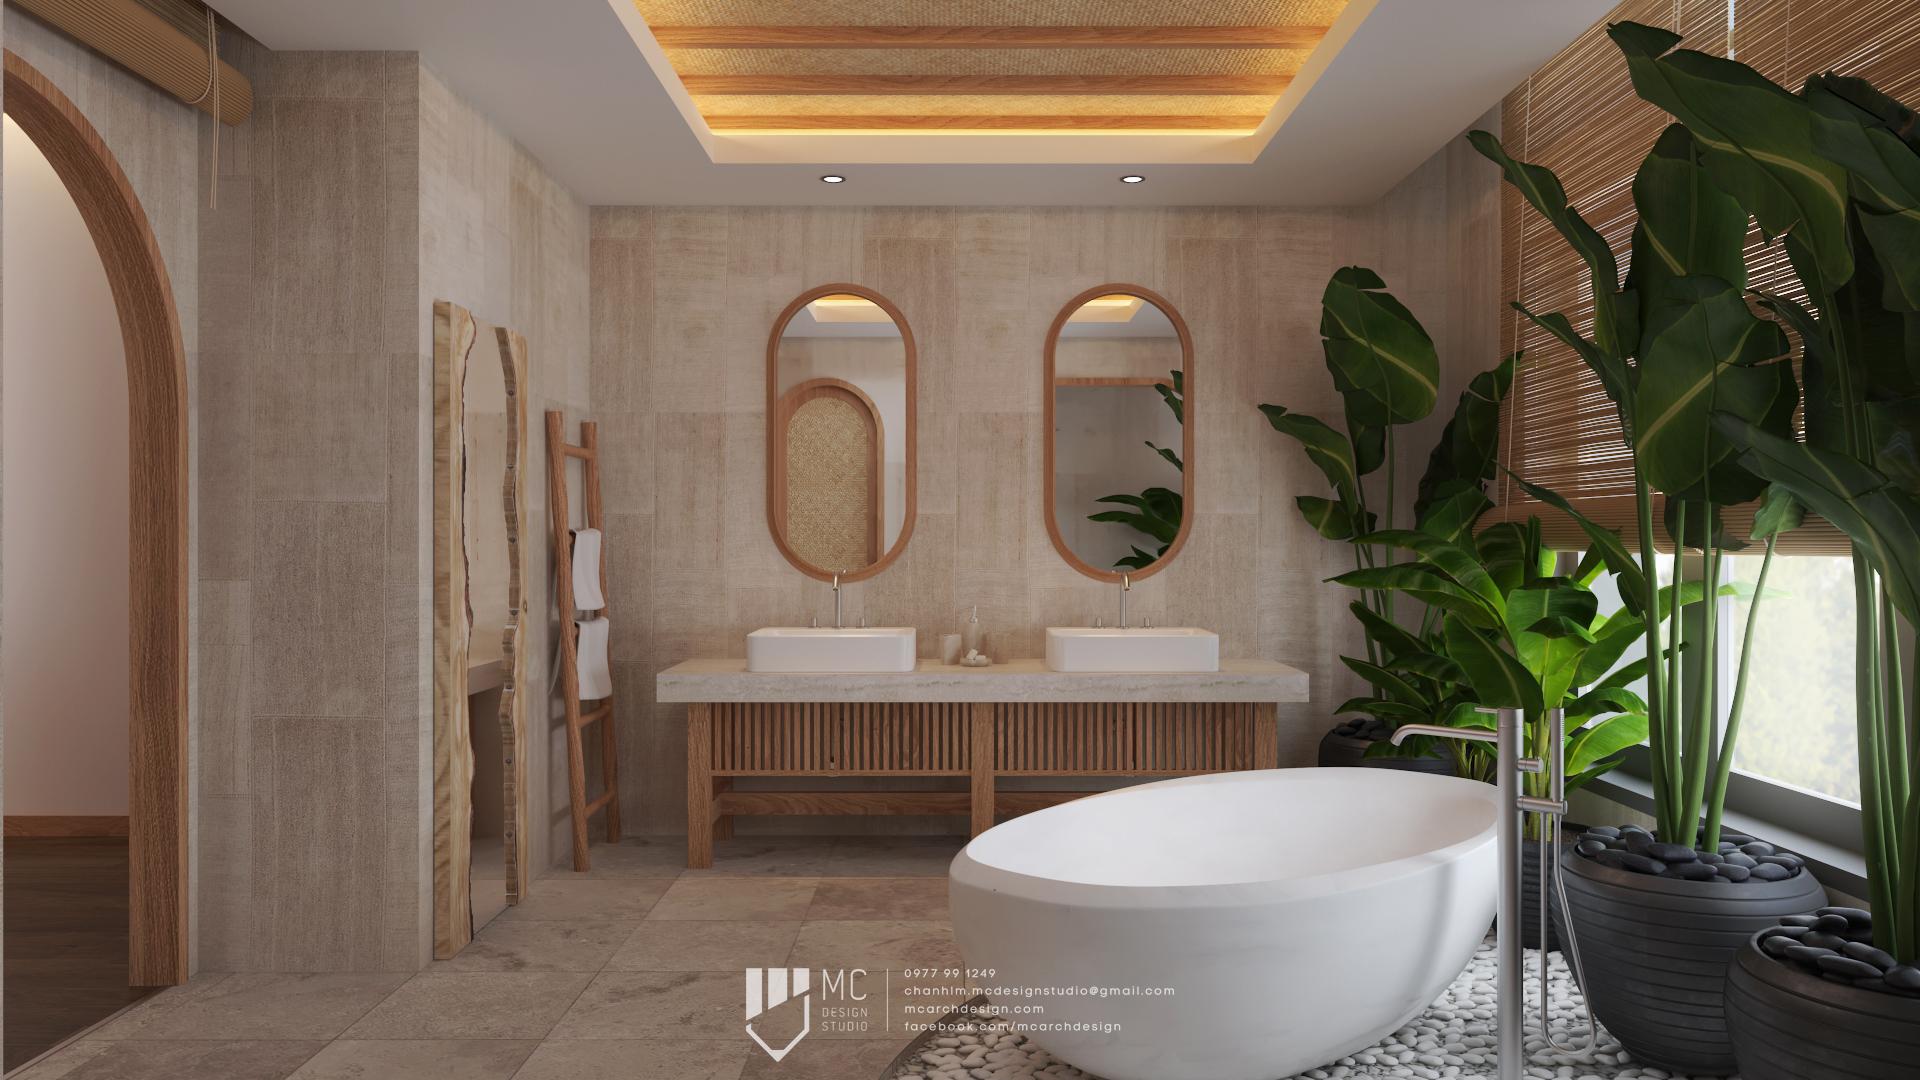 Thiết kế nội thất Biệt Thự tại Đắk Lắk BM House 1590741707 8